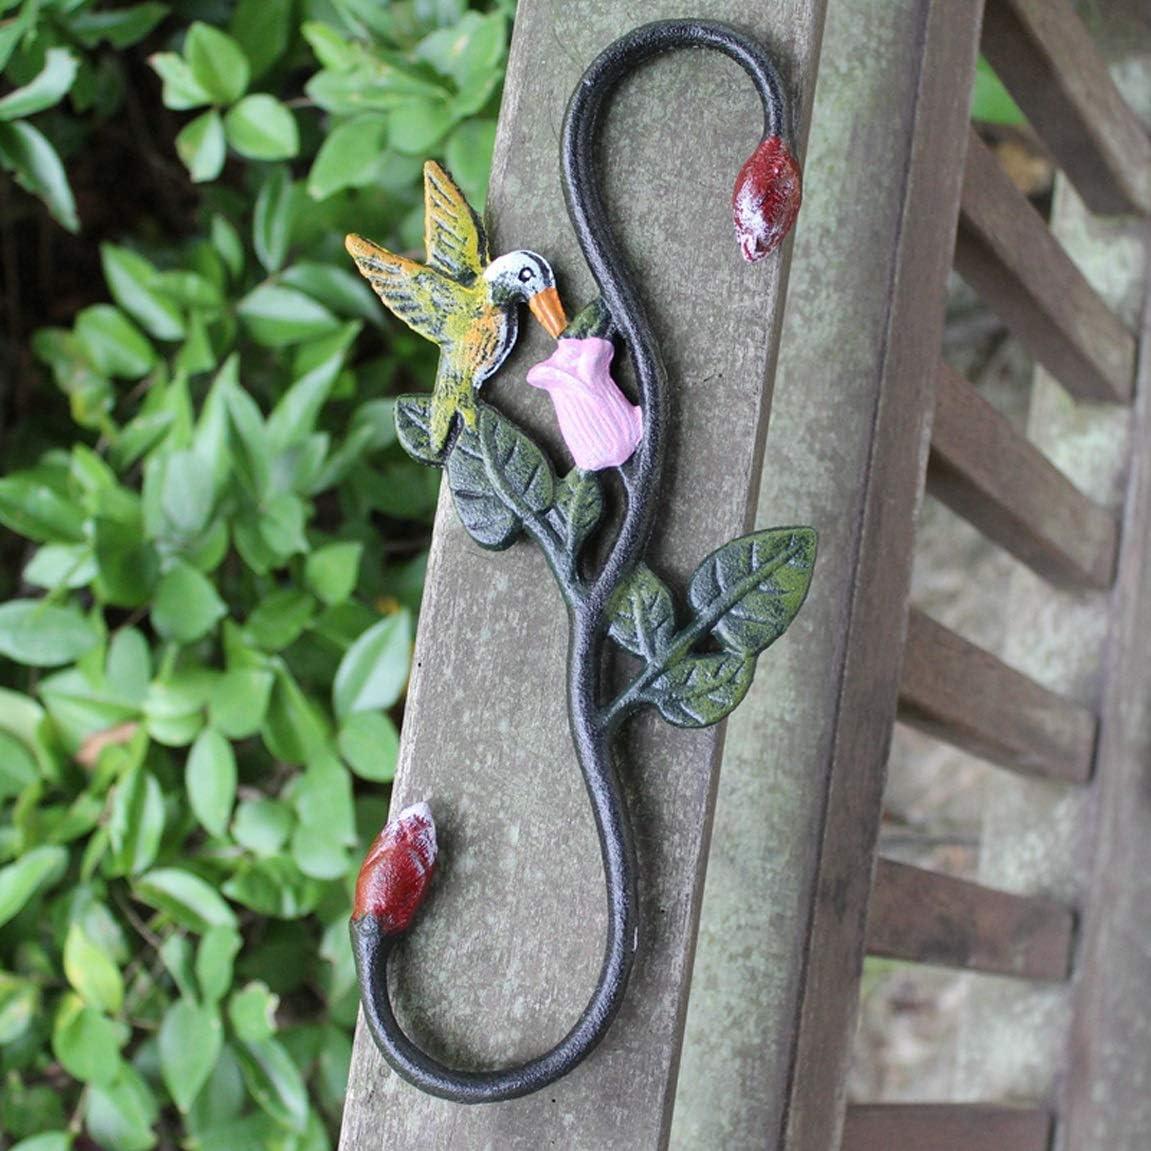 CKH - Gancho retro americano de hierro fundido rural para pintura artística S-animal gancho de hierro para colgar cestas de flores, gancho para macetas, Kingfisher